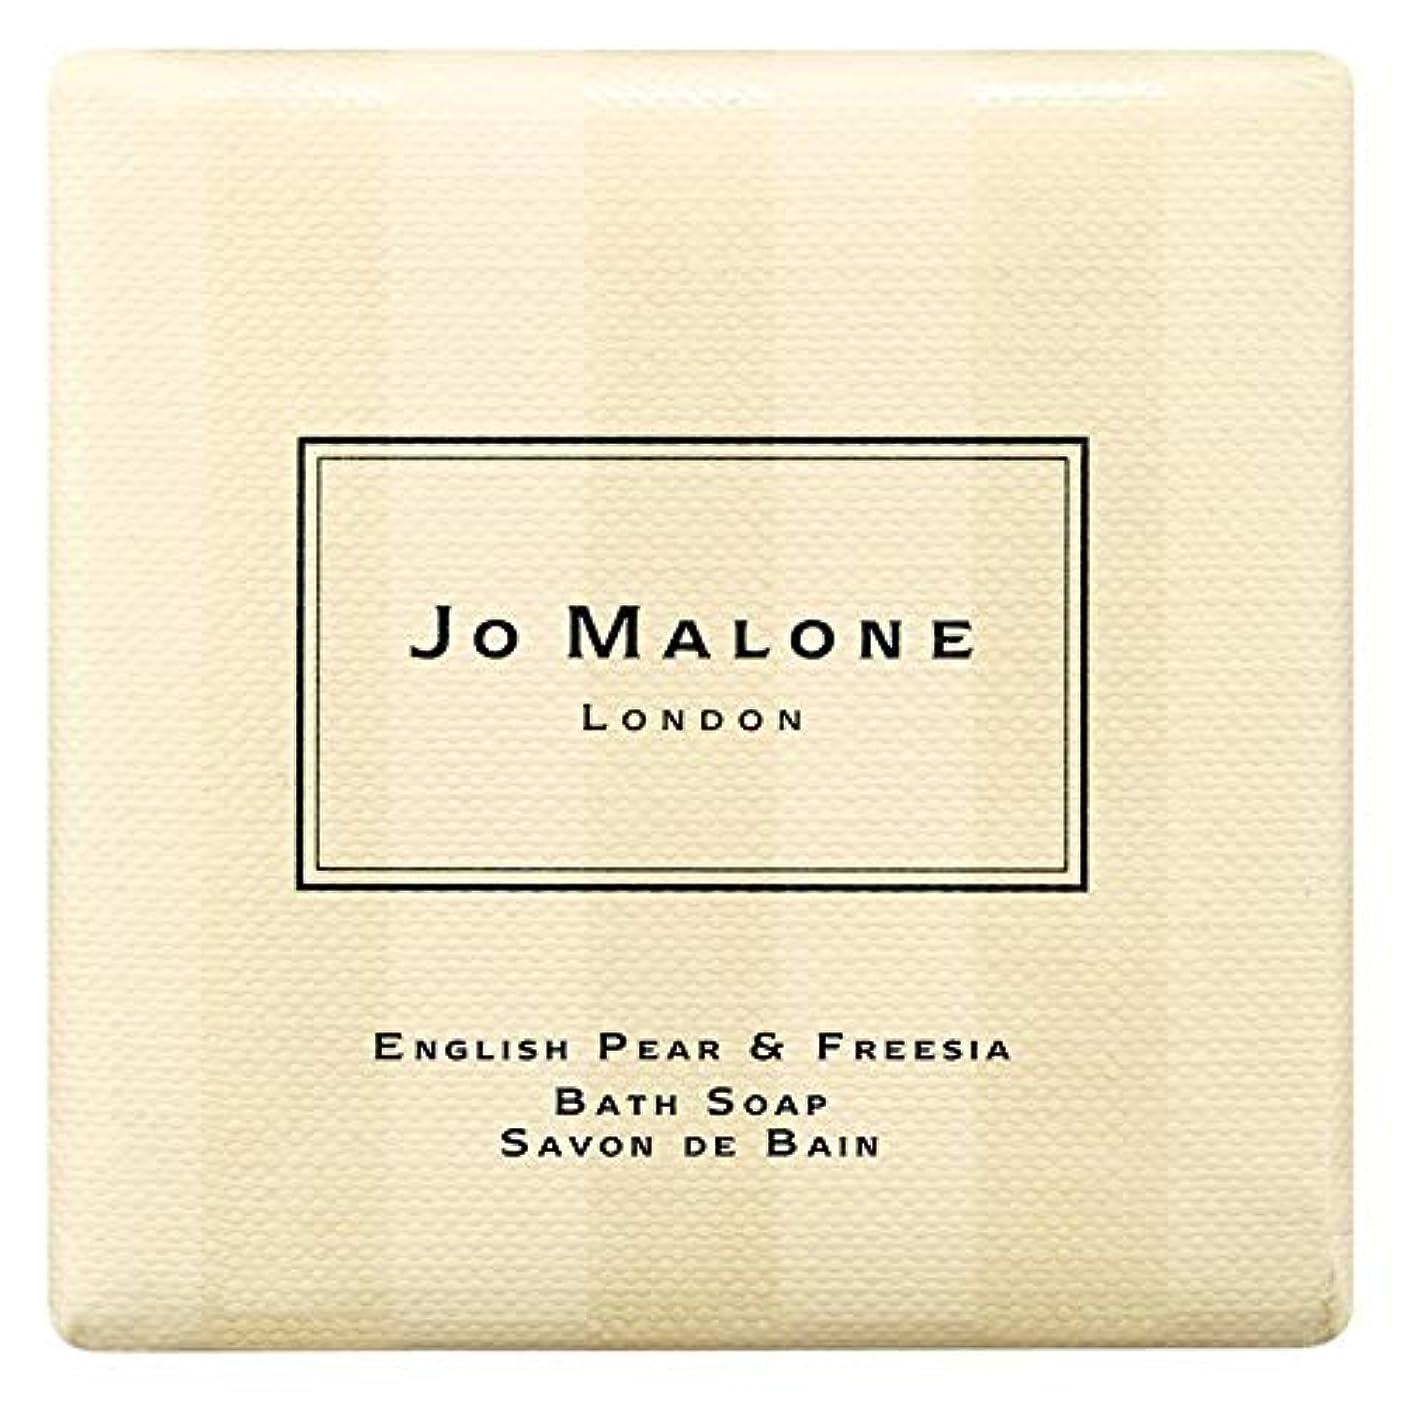 あるビン想像力豊かな[Jo Malone] ジョーマローンロンドン英語梨&フリージア入浴石鹸100グラム - Jo Malone London English Pear & Freesia Bath Soap 100g [並行輸入品]